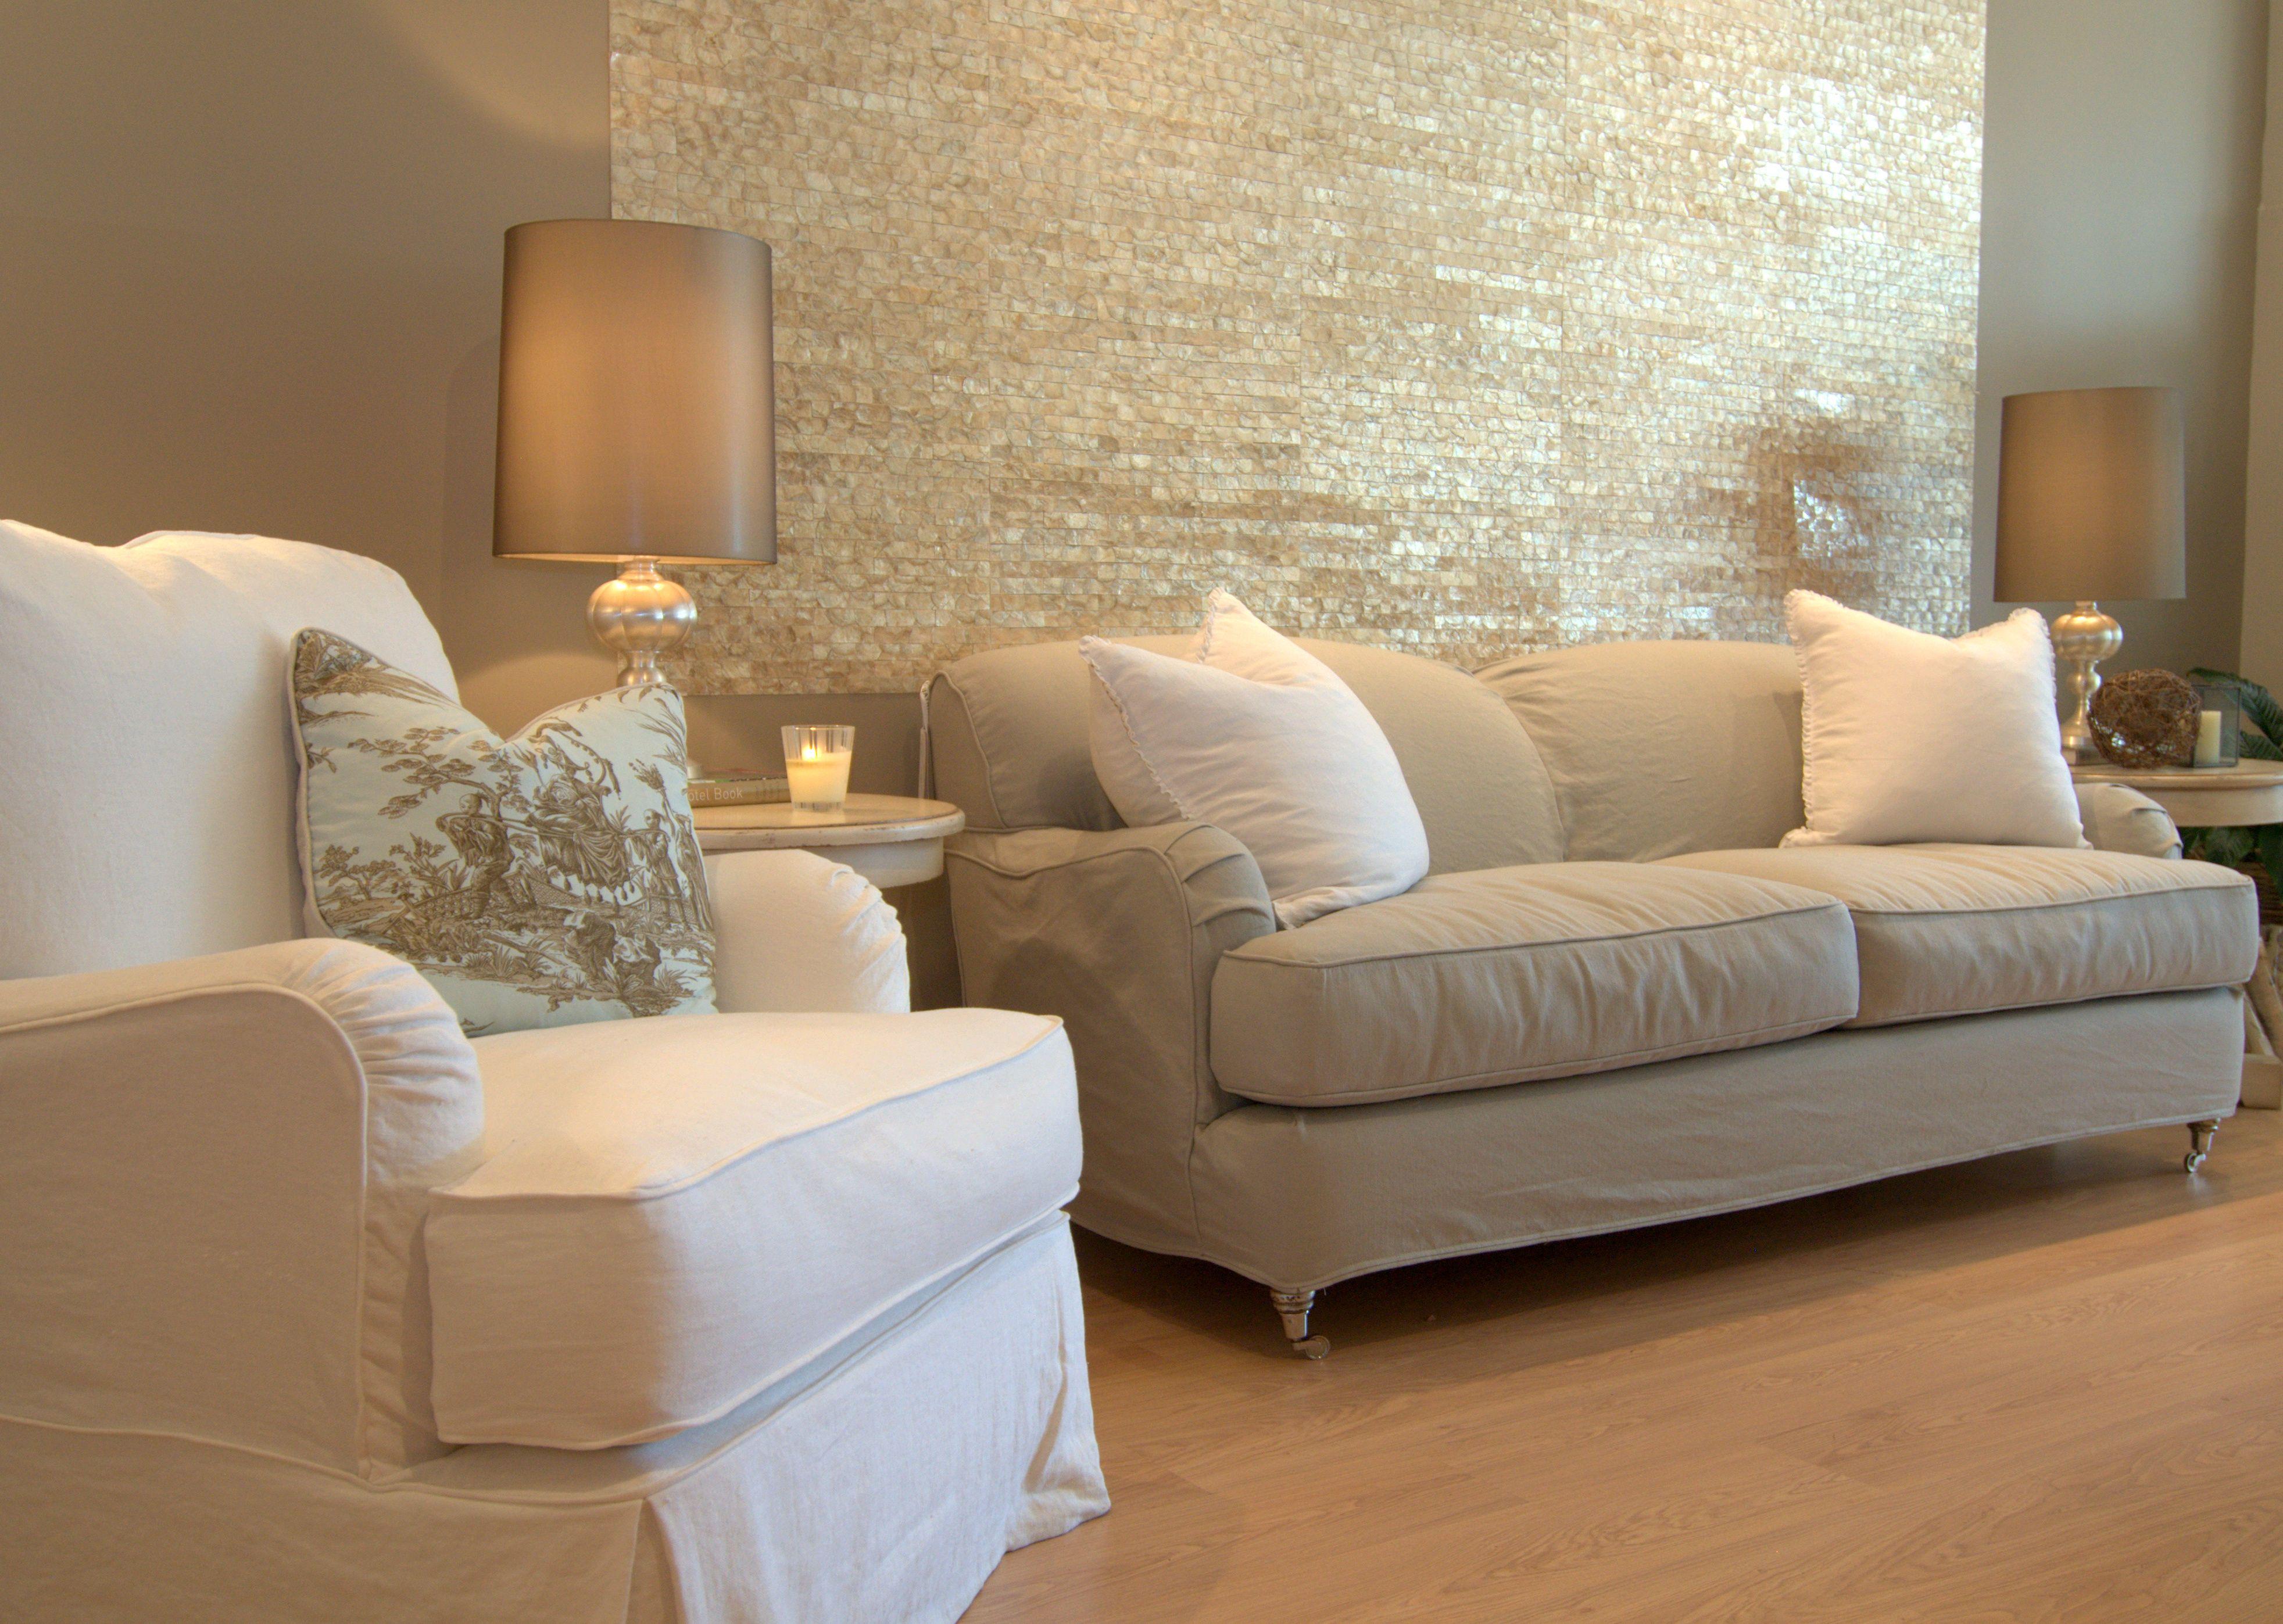 Quatrine   Birmingham. London Sofa And Milan Chair